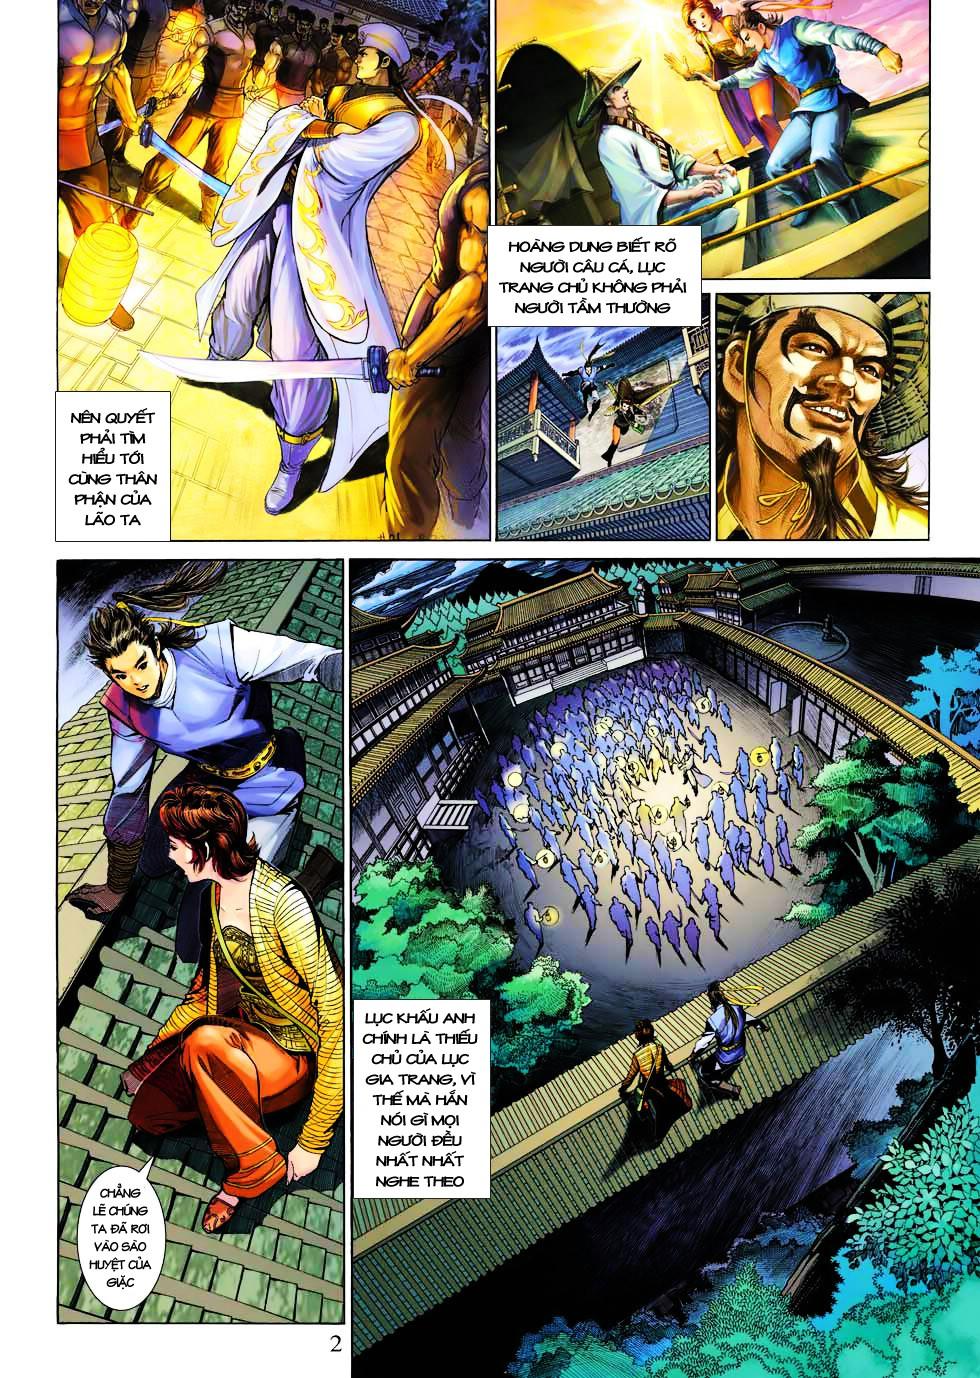 Anh Hùng Xạ Điêu anh hùng xạ đêu chap 27 trang 2